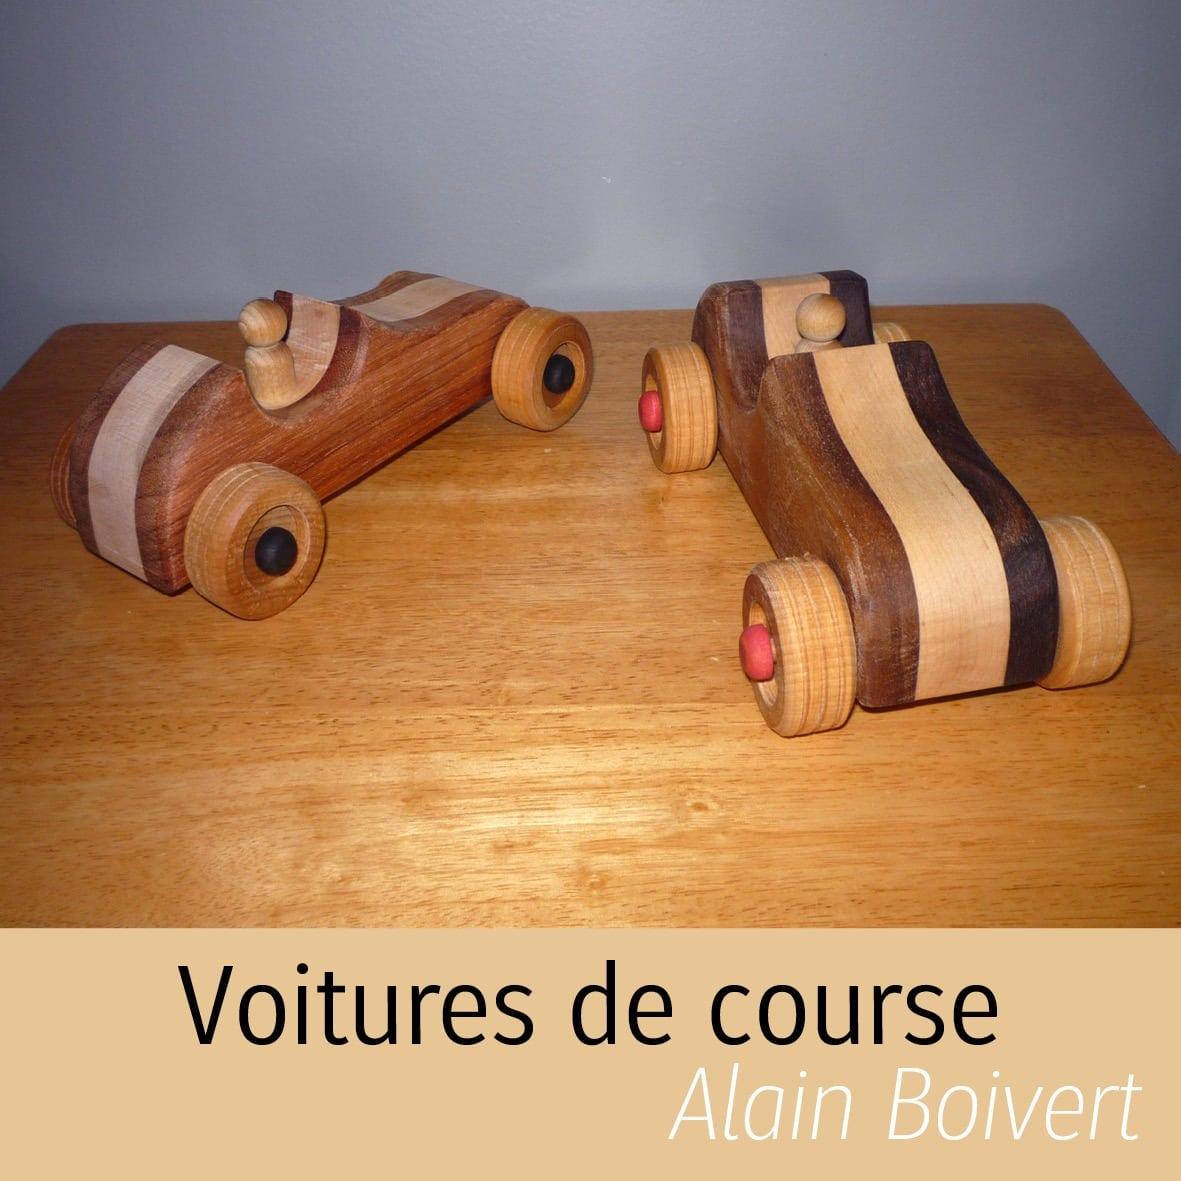 Voitures en bois Alain Boisvert